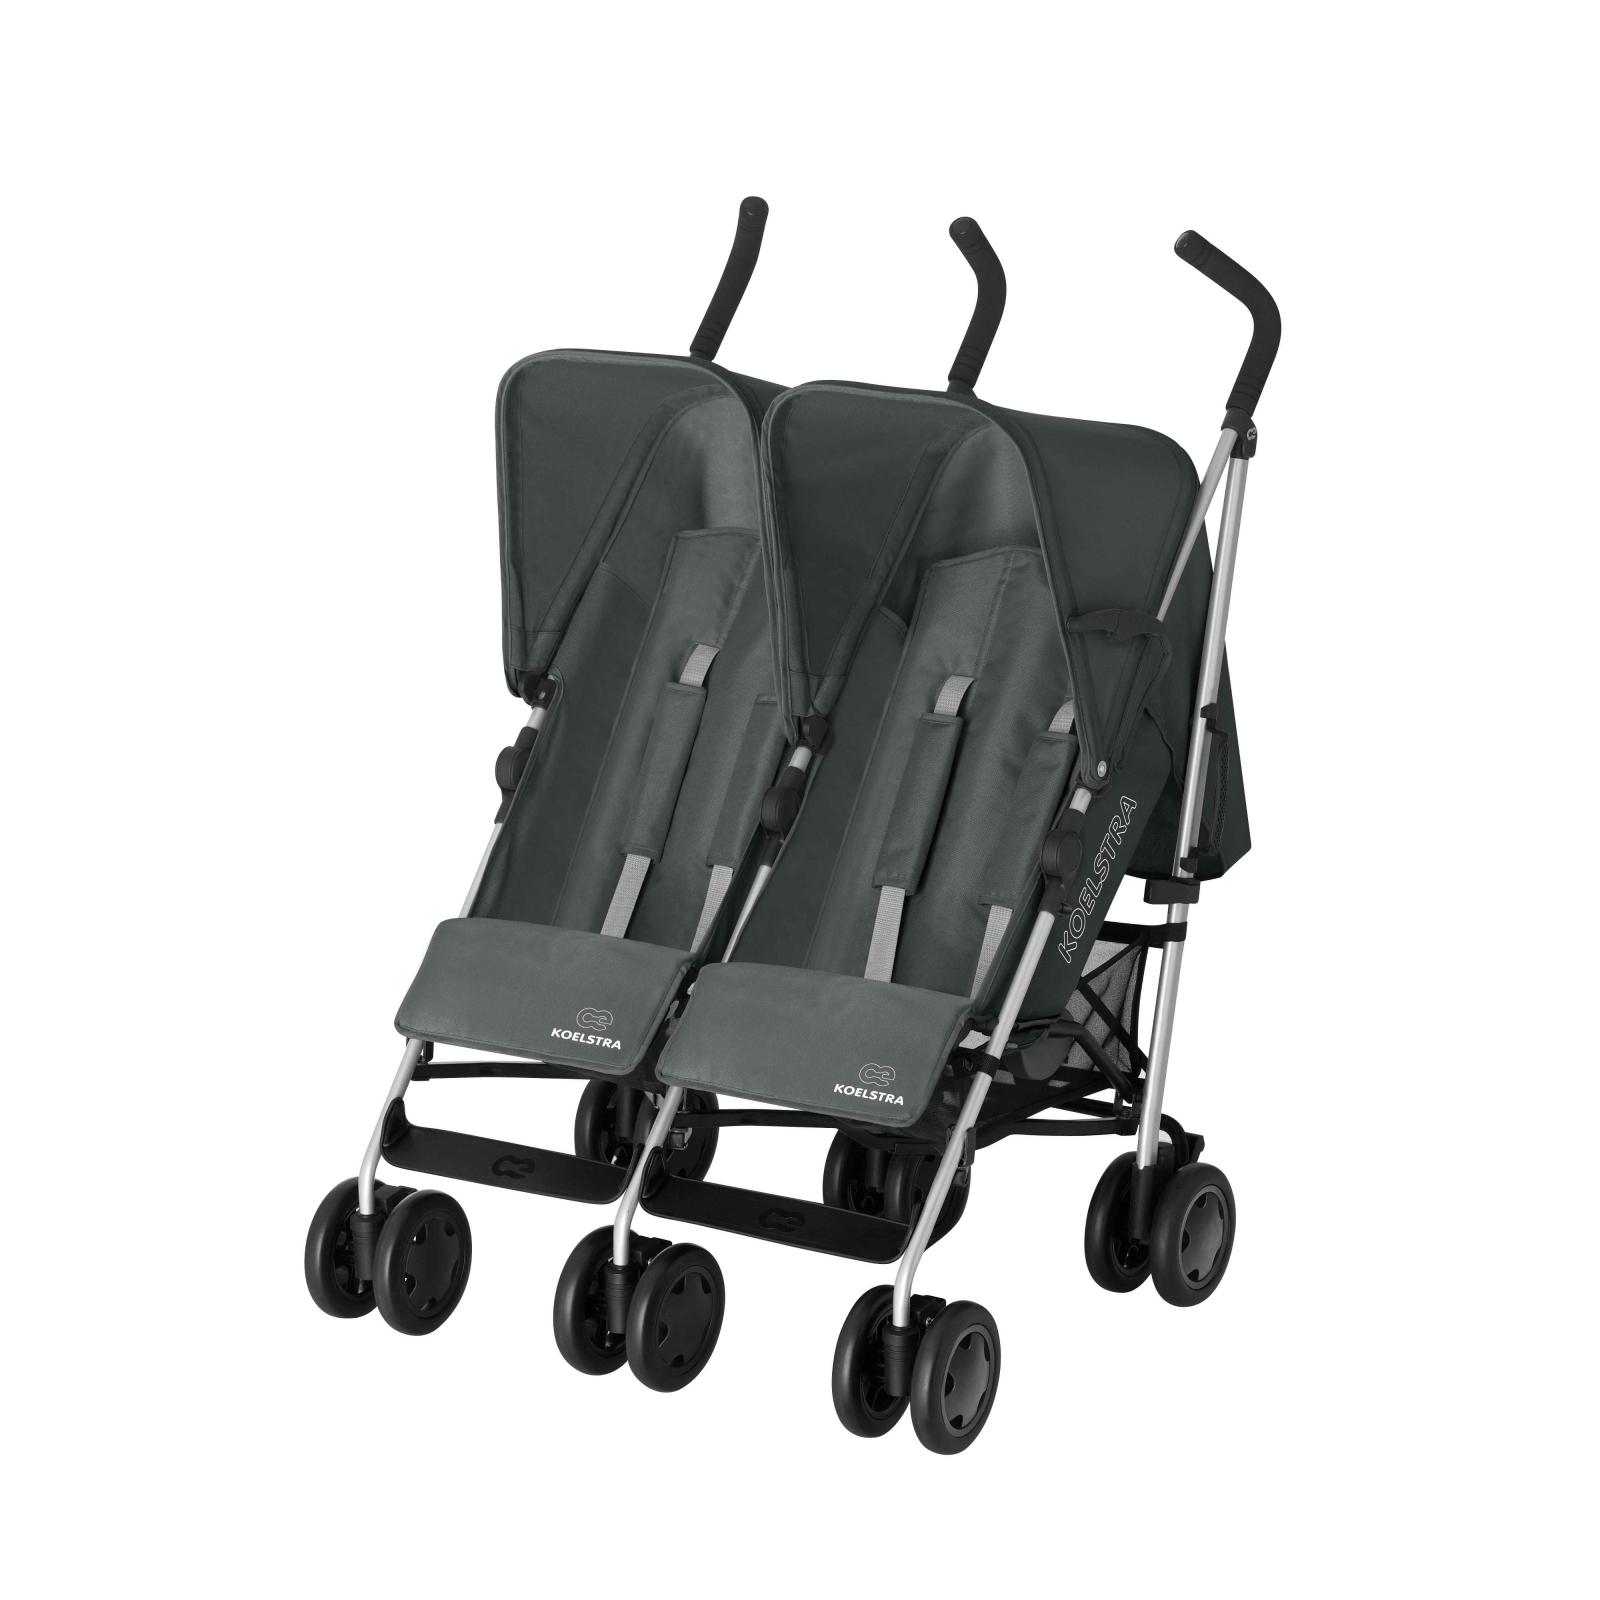 Koelstra Simba T4 Twin Buggy